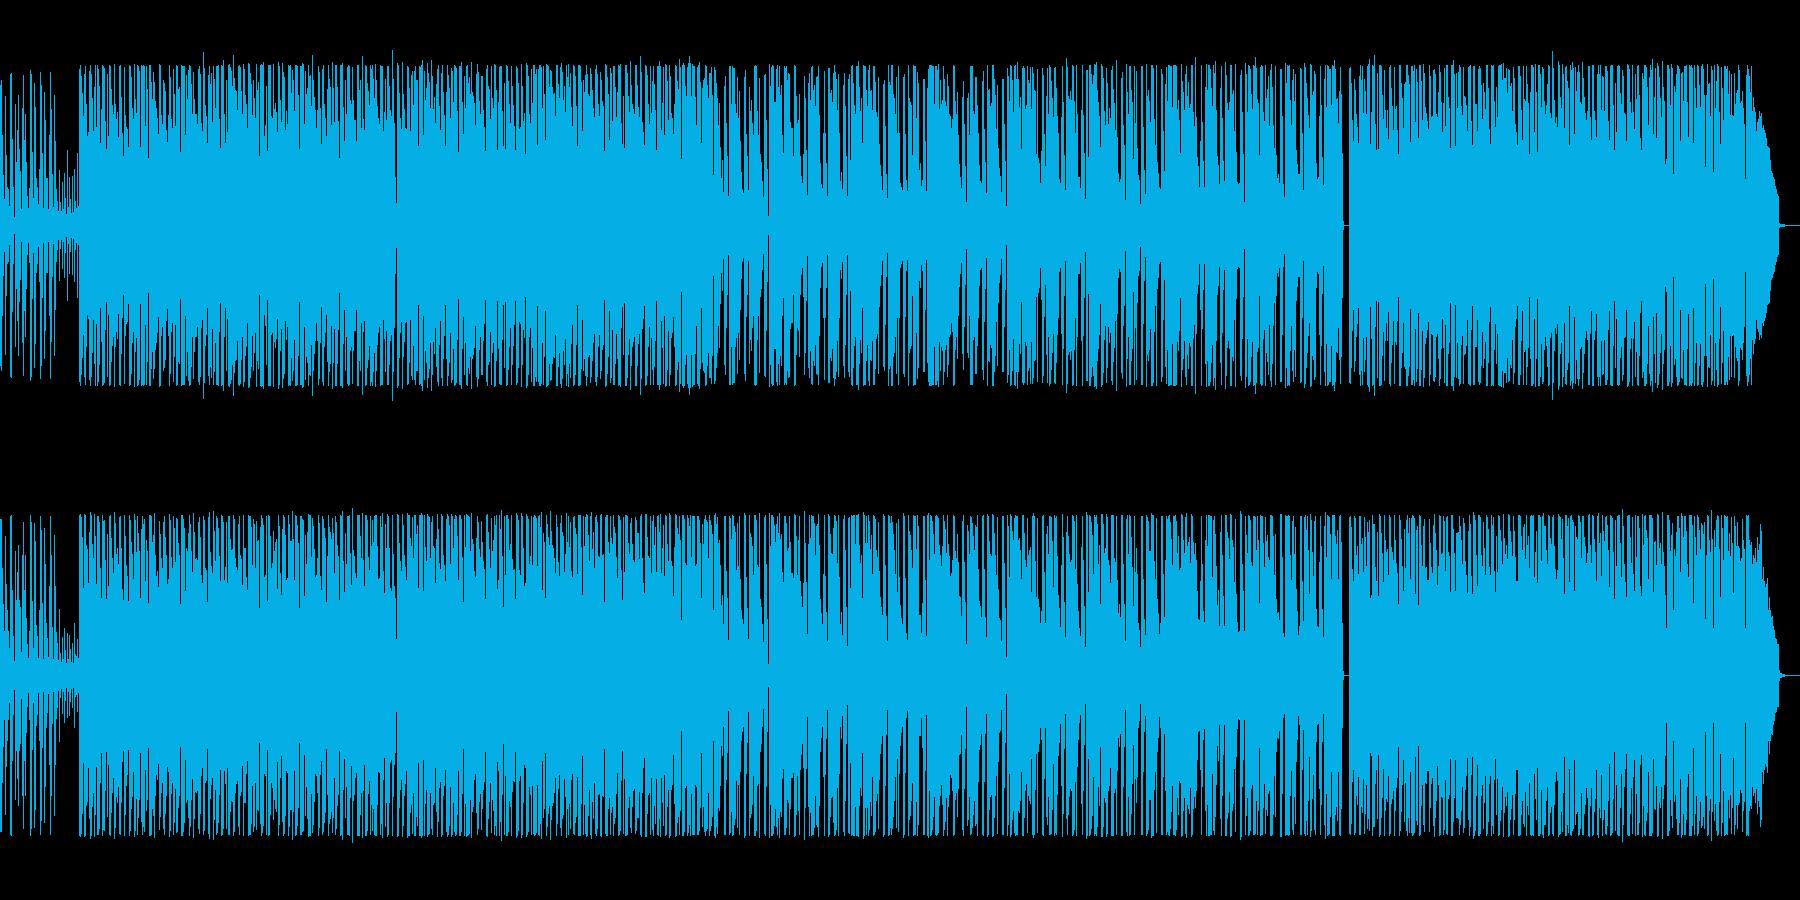 ワクワクしてこれから何かが始まる感じの曲の再生済みの波形